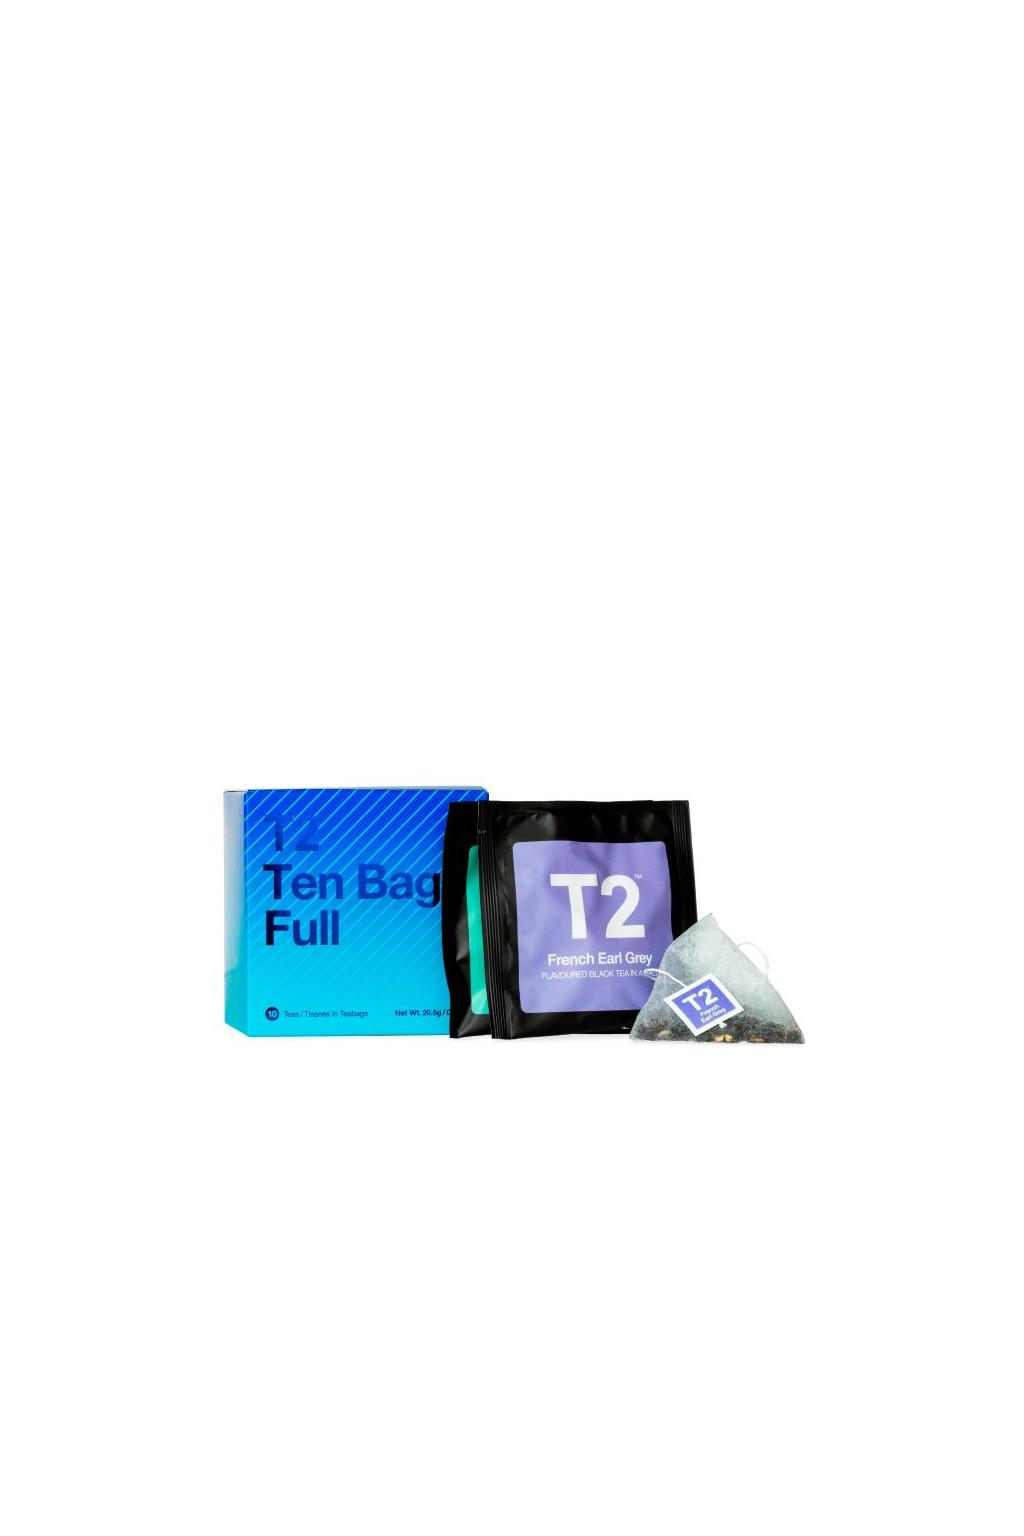 T2 ten bags full p2